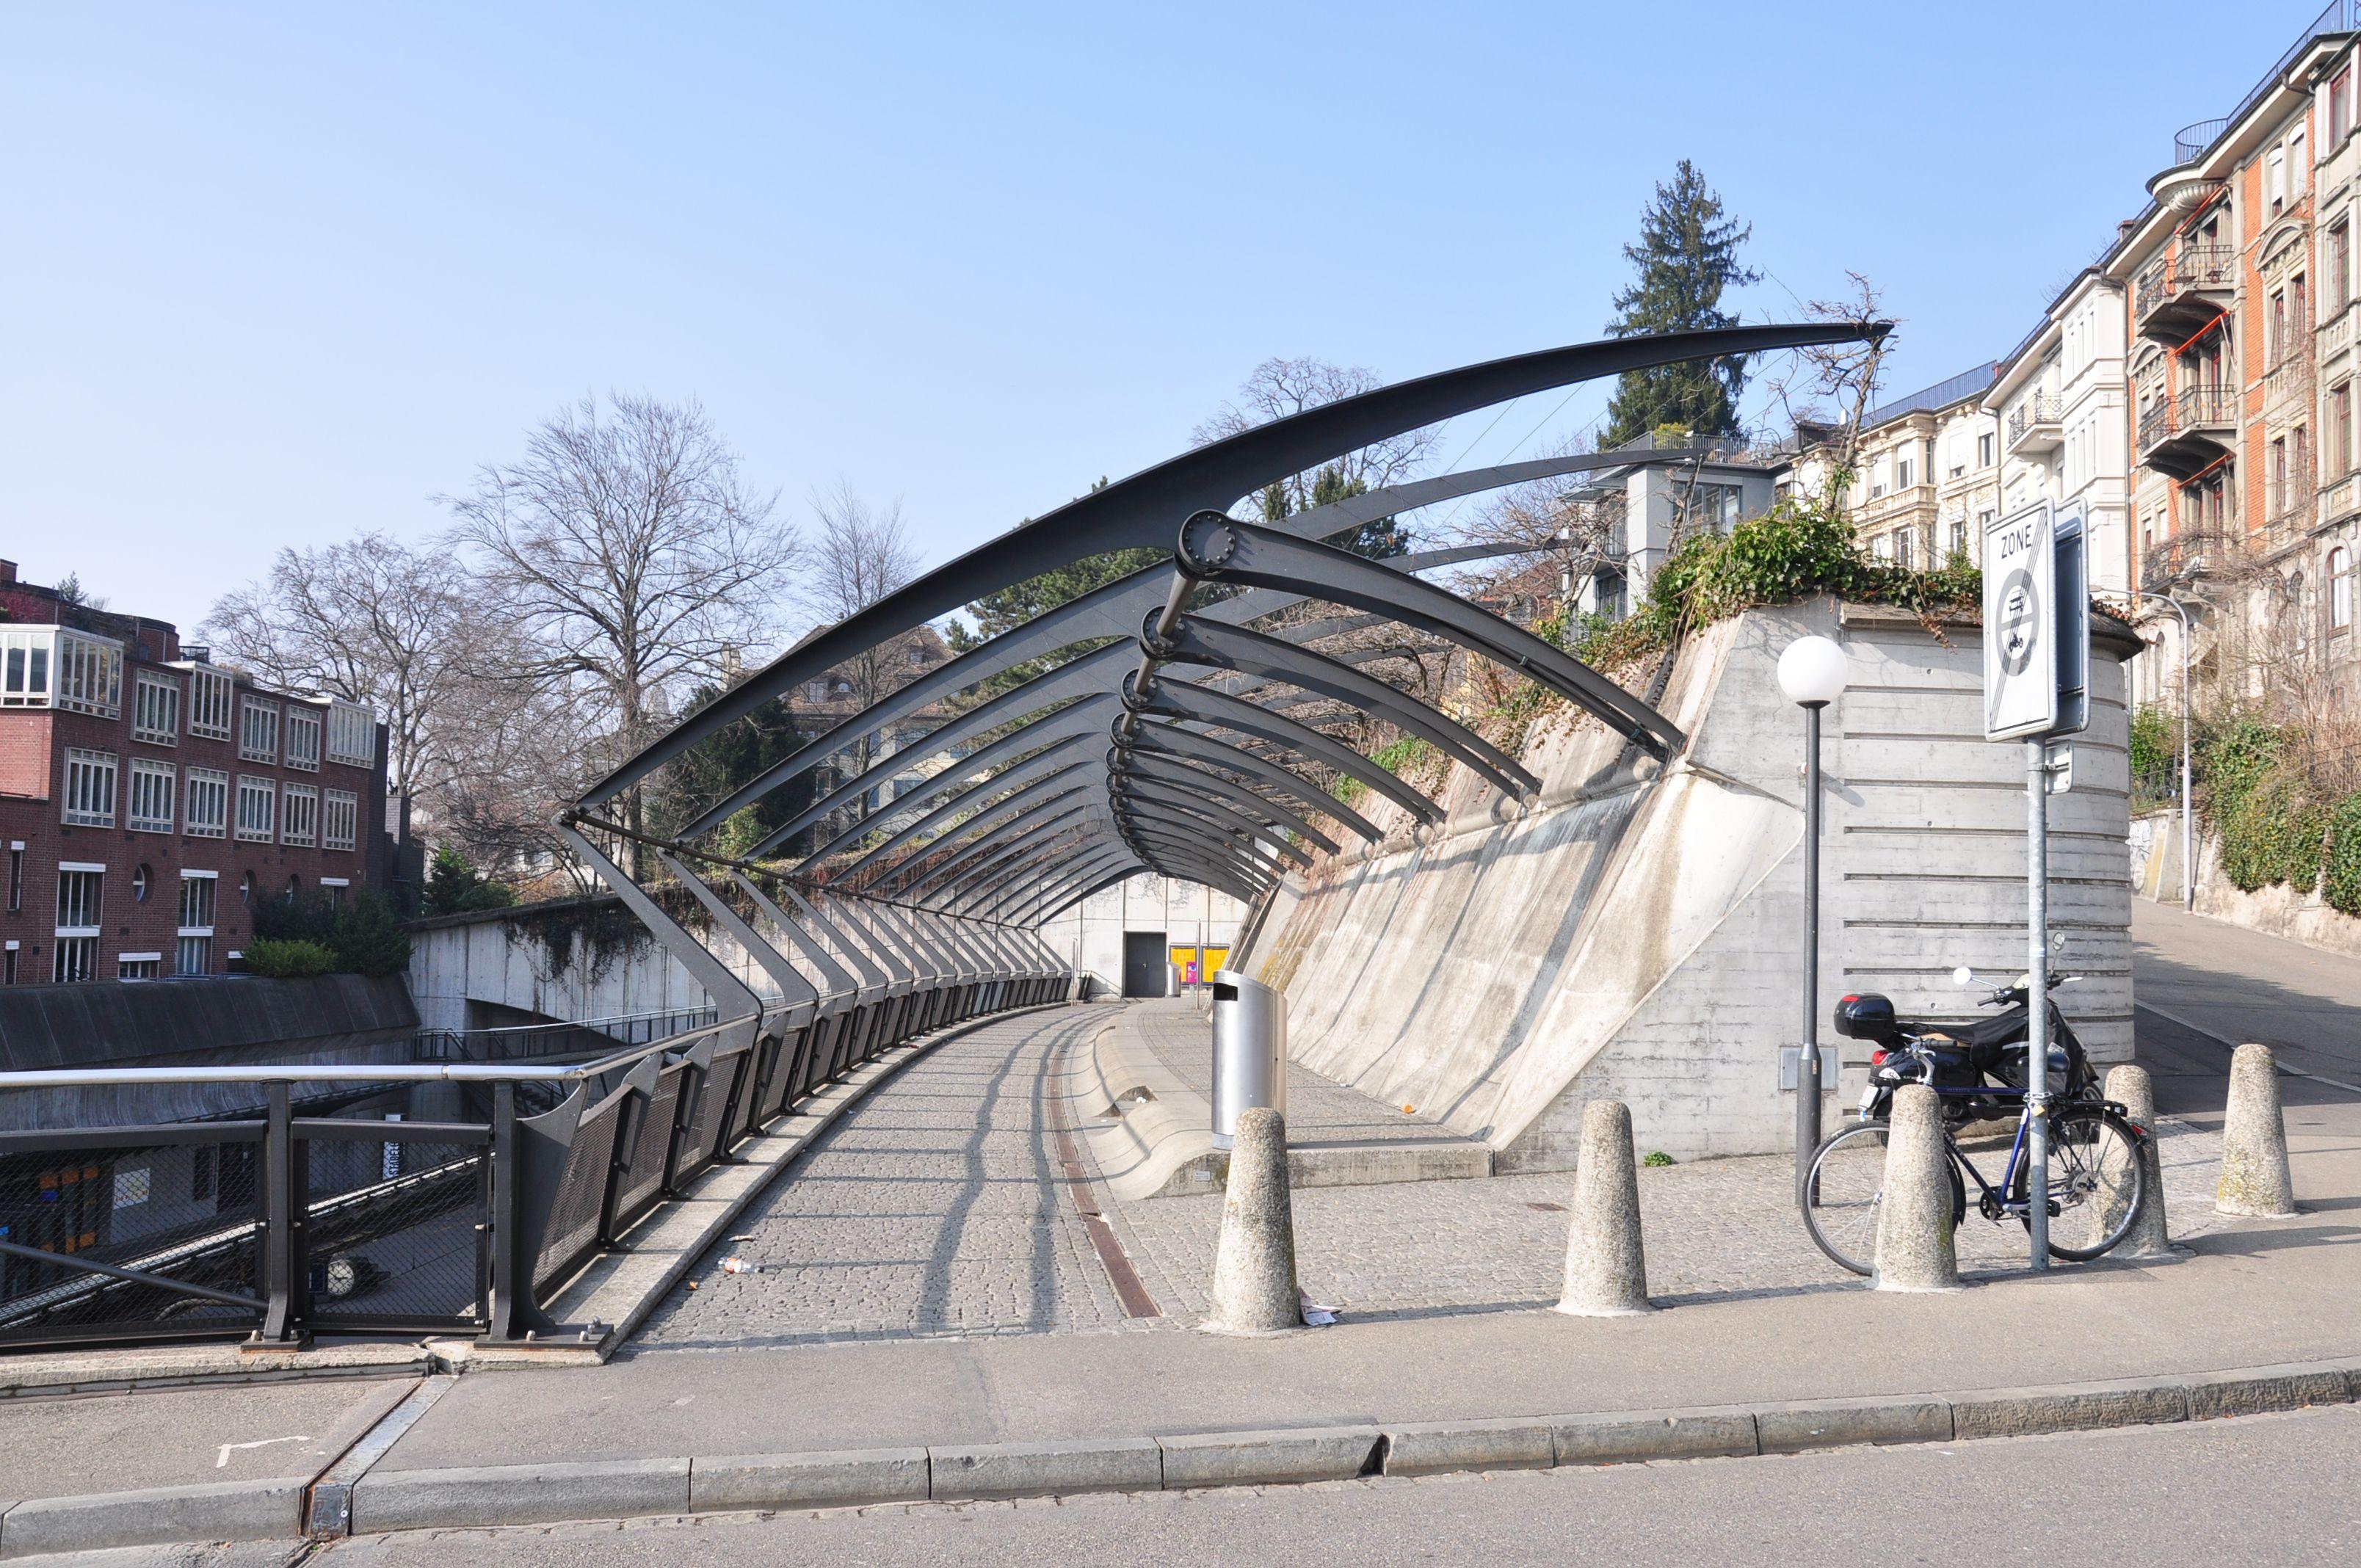 Zurich train station by calatrava architecture pinterest for Architecture zurich